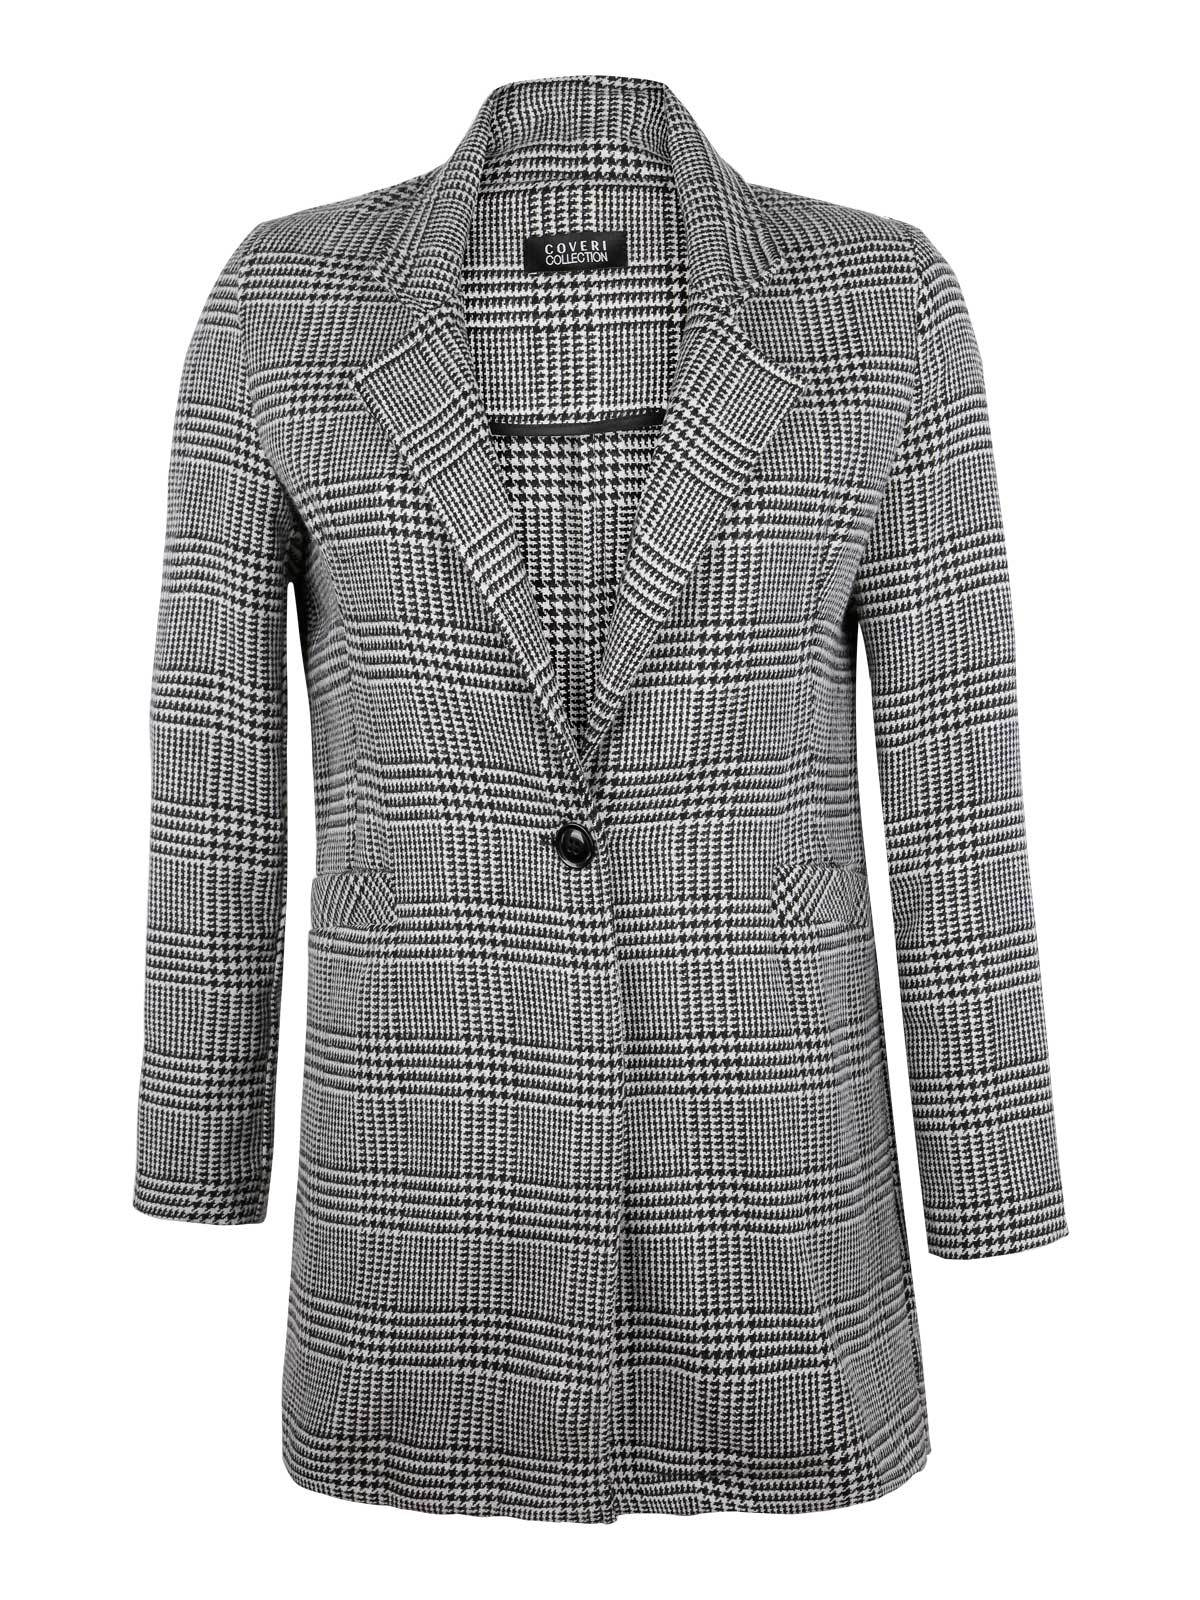 promo code 96e22 35595 Cappotto scozzese coveri collection | MecShopping